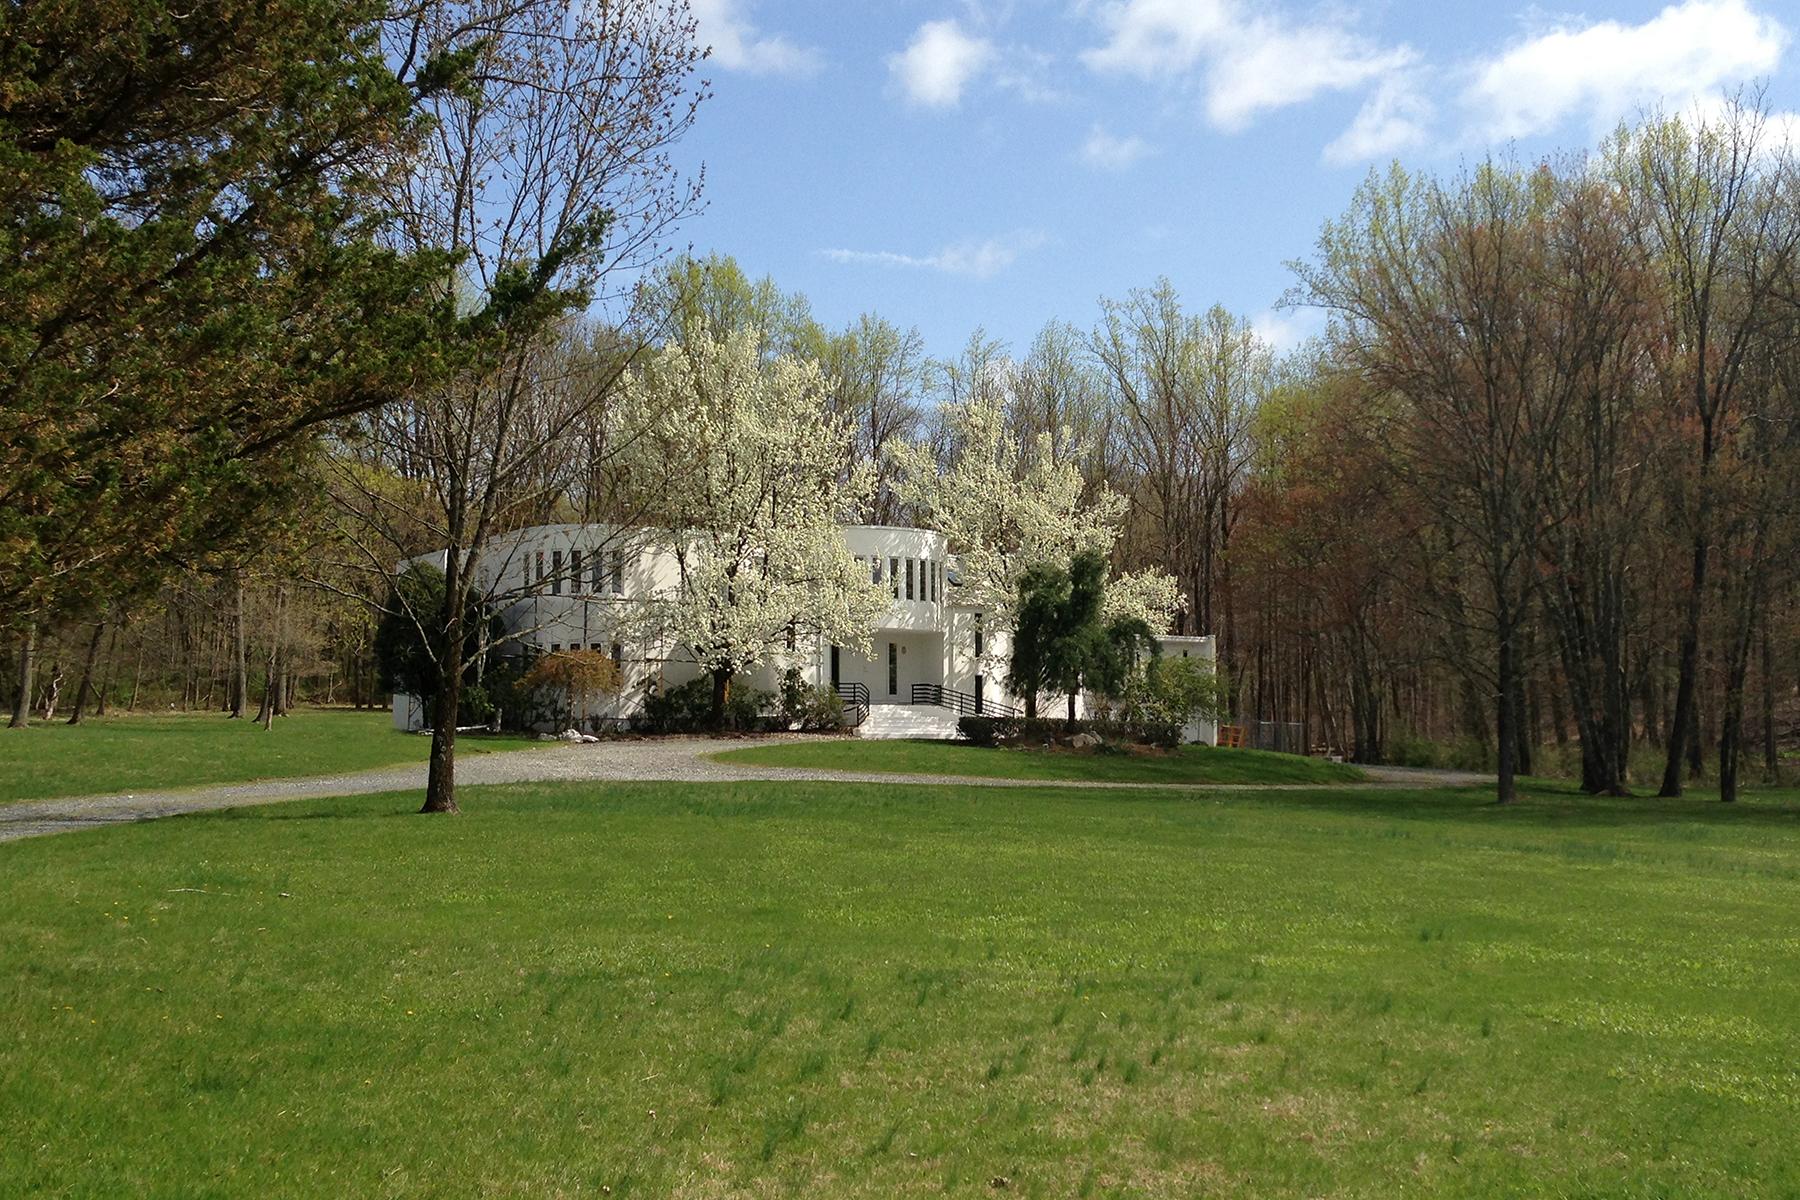 Maison unifamiliale pour l Vente à Titusville, NJ 25 Pleasant Valley Harbourtown Rd. Titusville, New Jersey 08560 États-Unis